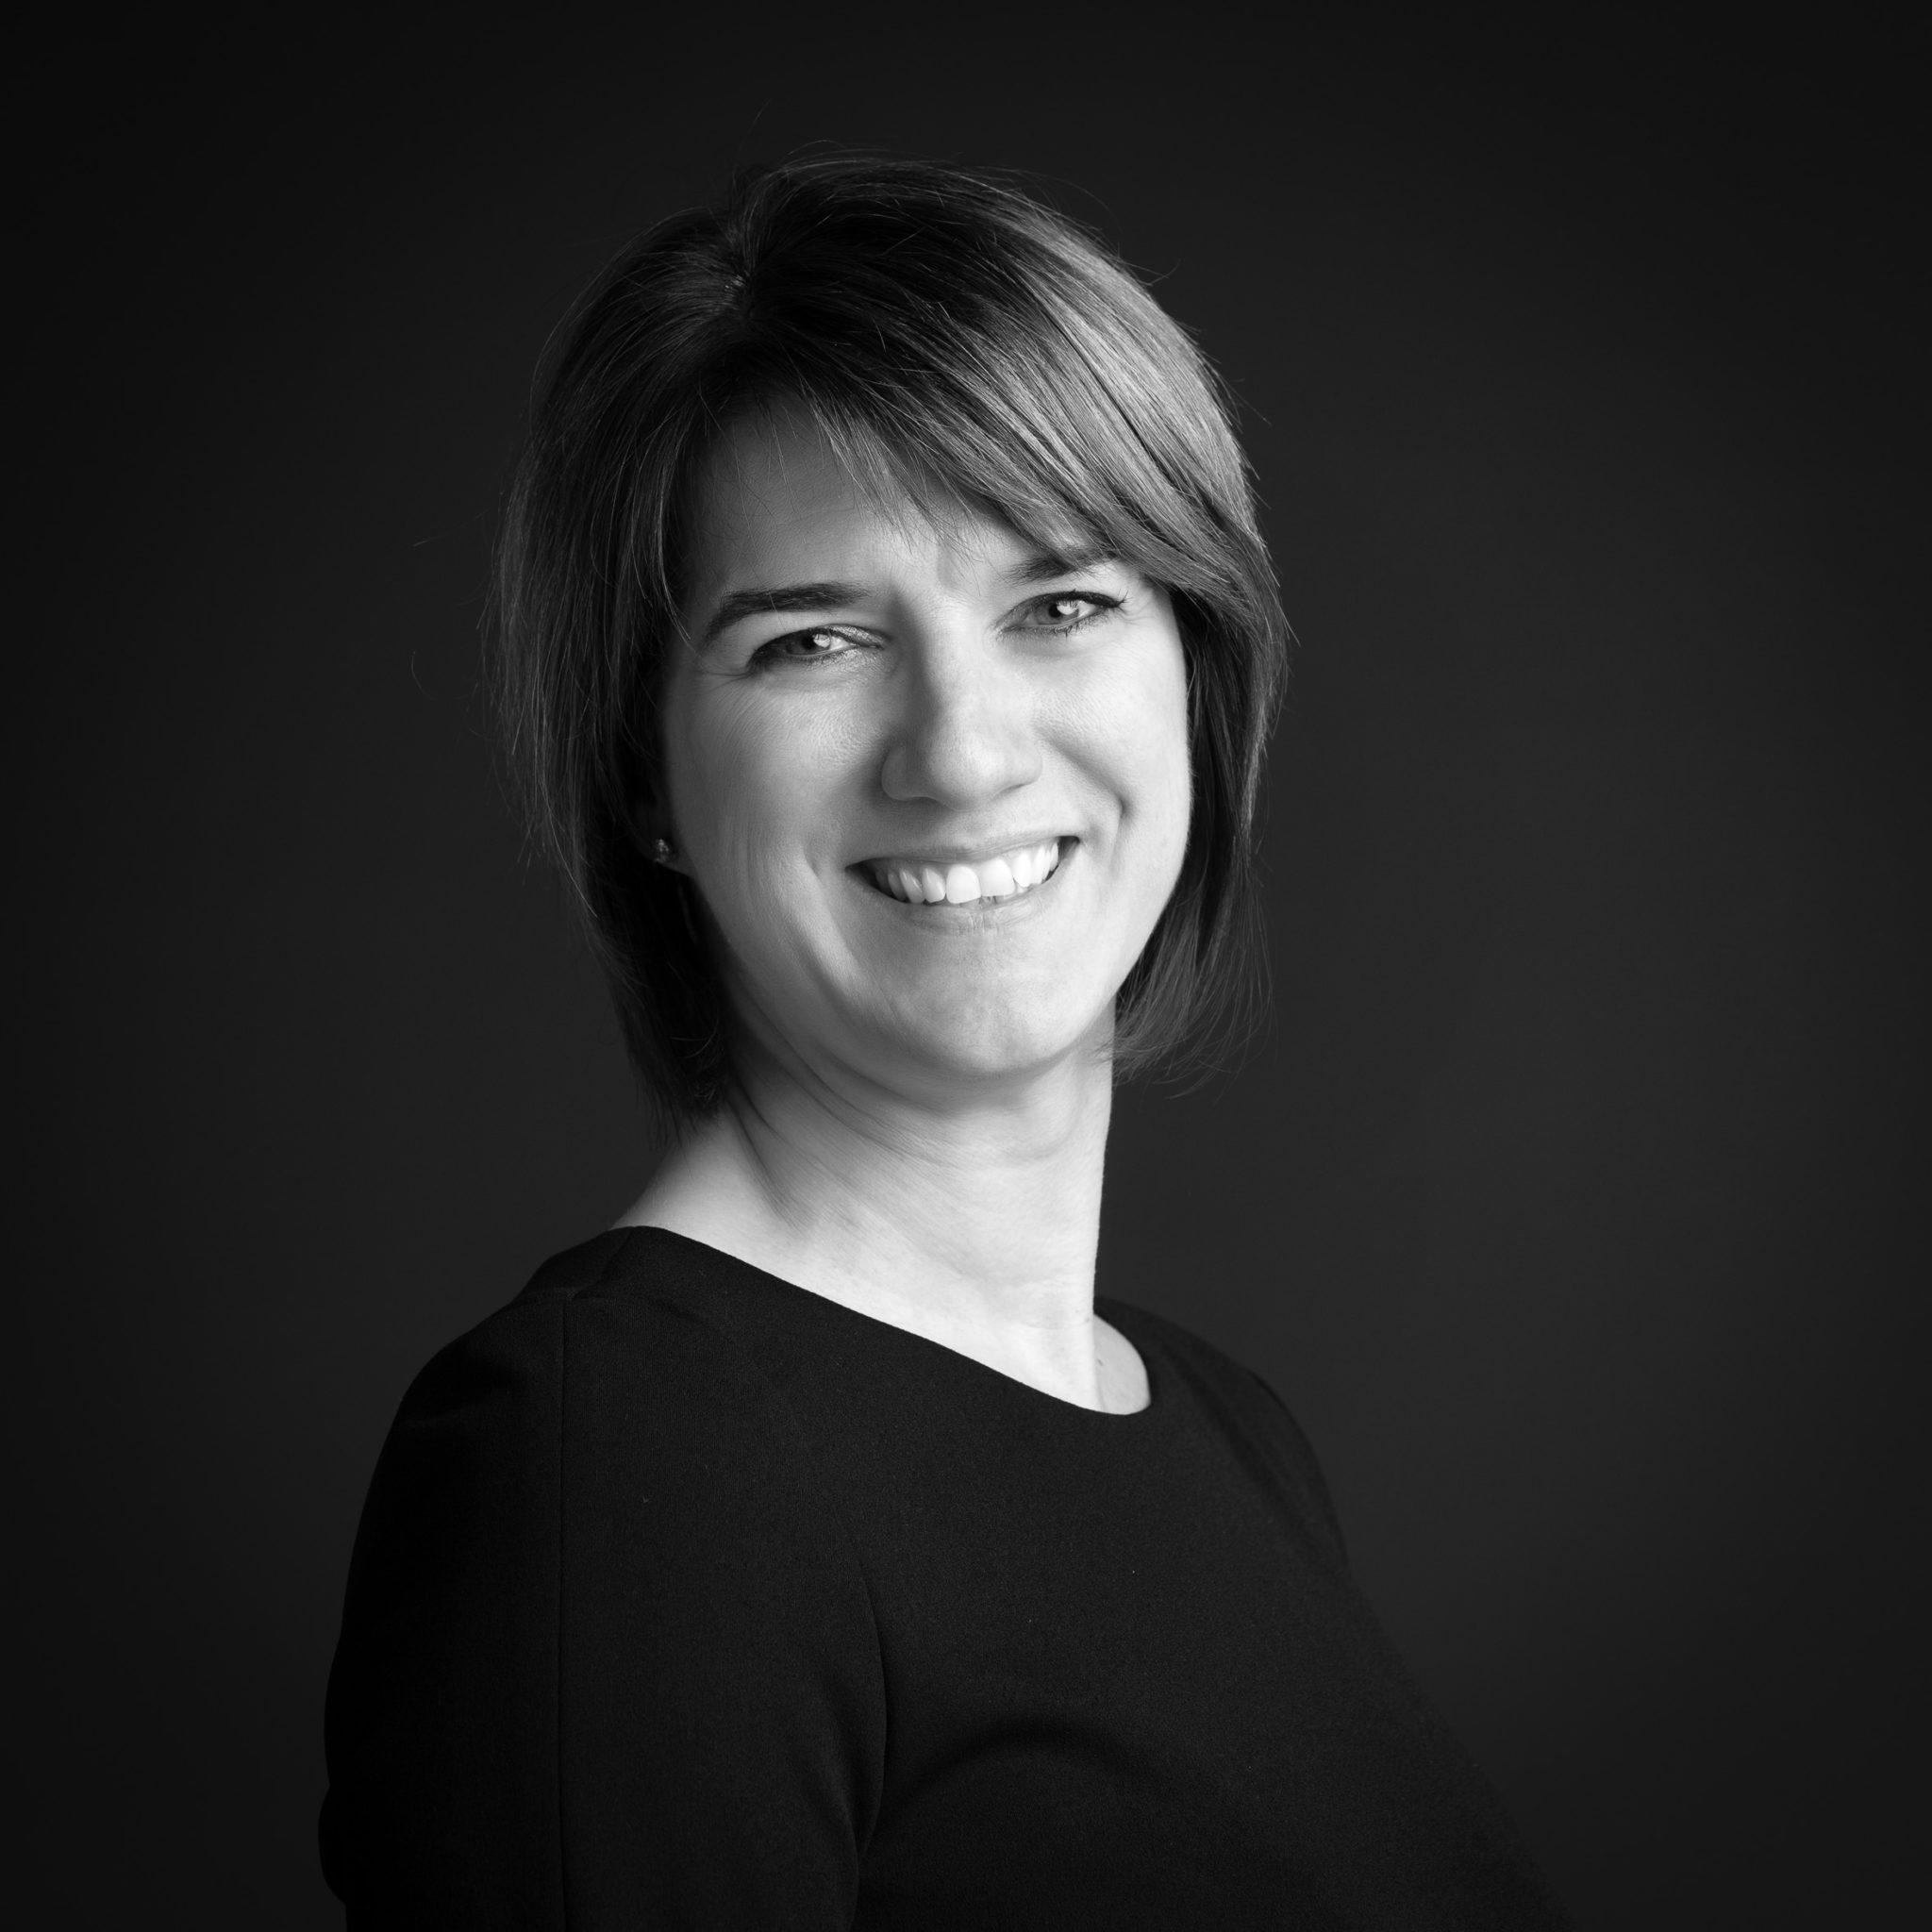 Nathalie Van Kleef